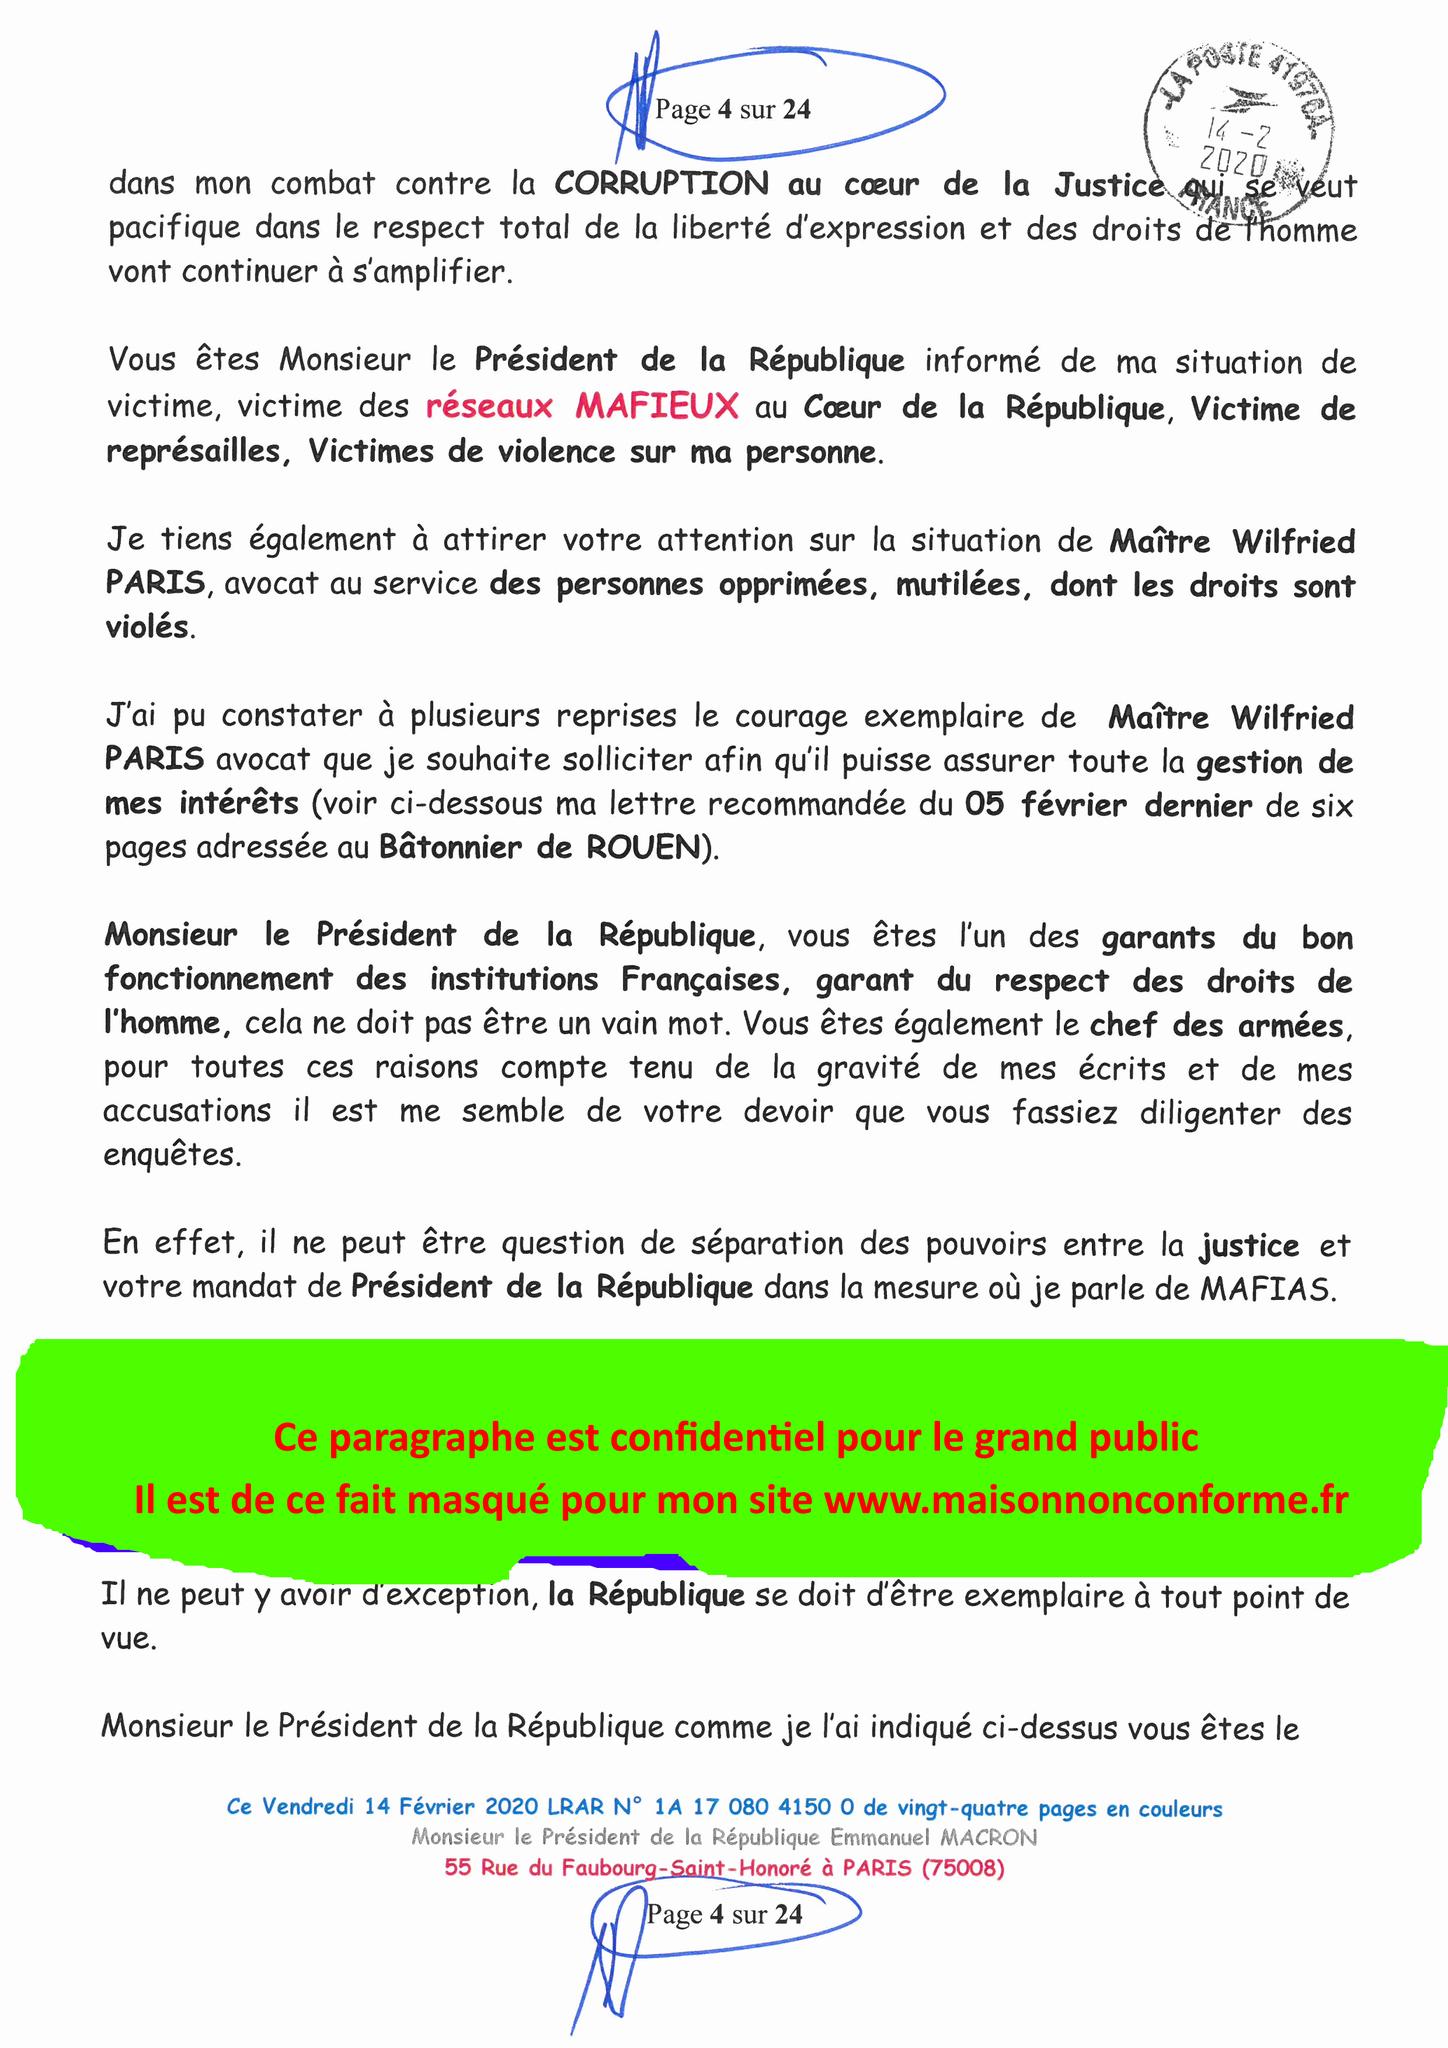 Ma lettre recommandée du 14 Février 2020 N° 1A 178 082 4150 0  page 4 sur 24 en couleur que j'ai adressé à Monsieur Emmanuel MACRON le Président de la République www.jesuispatrick.fr